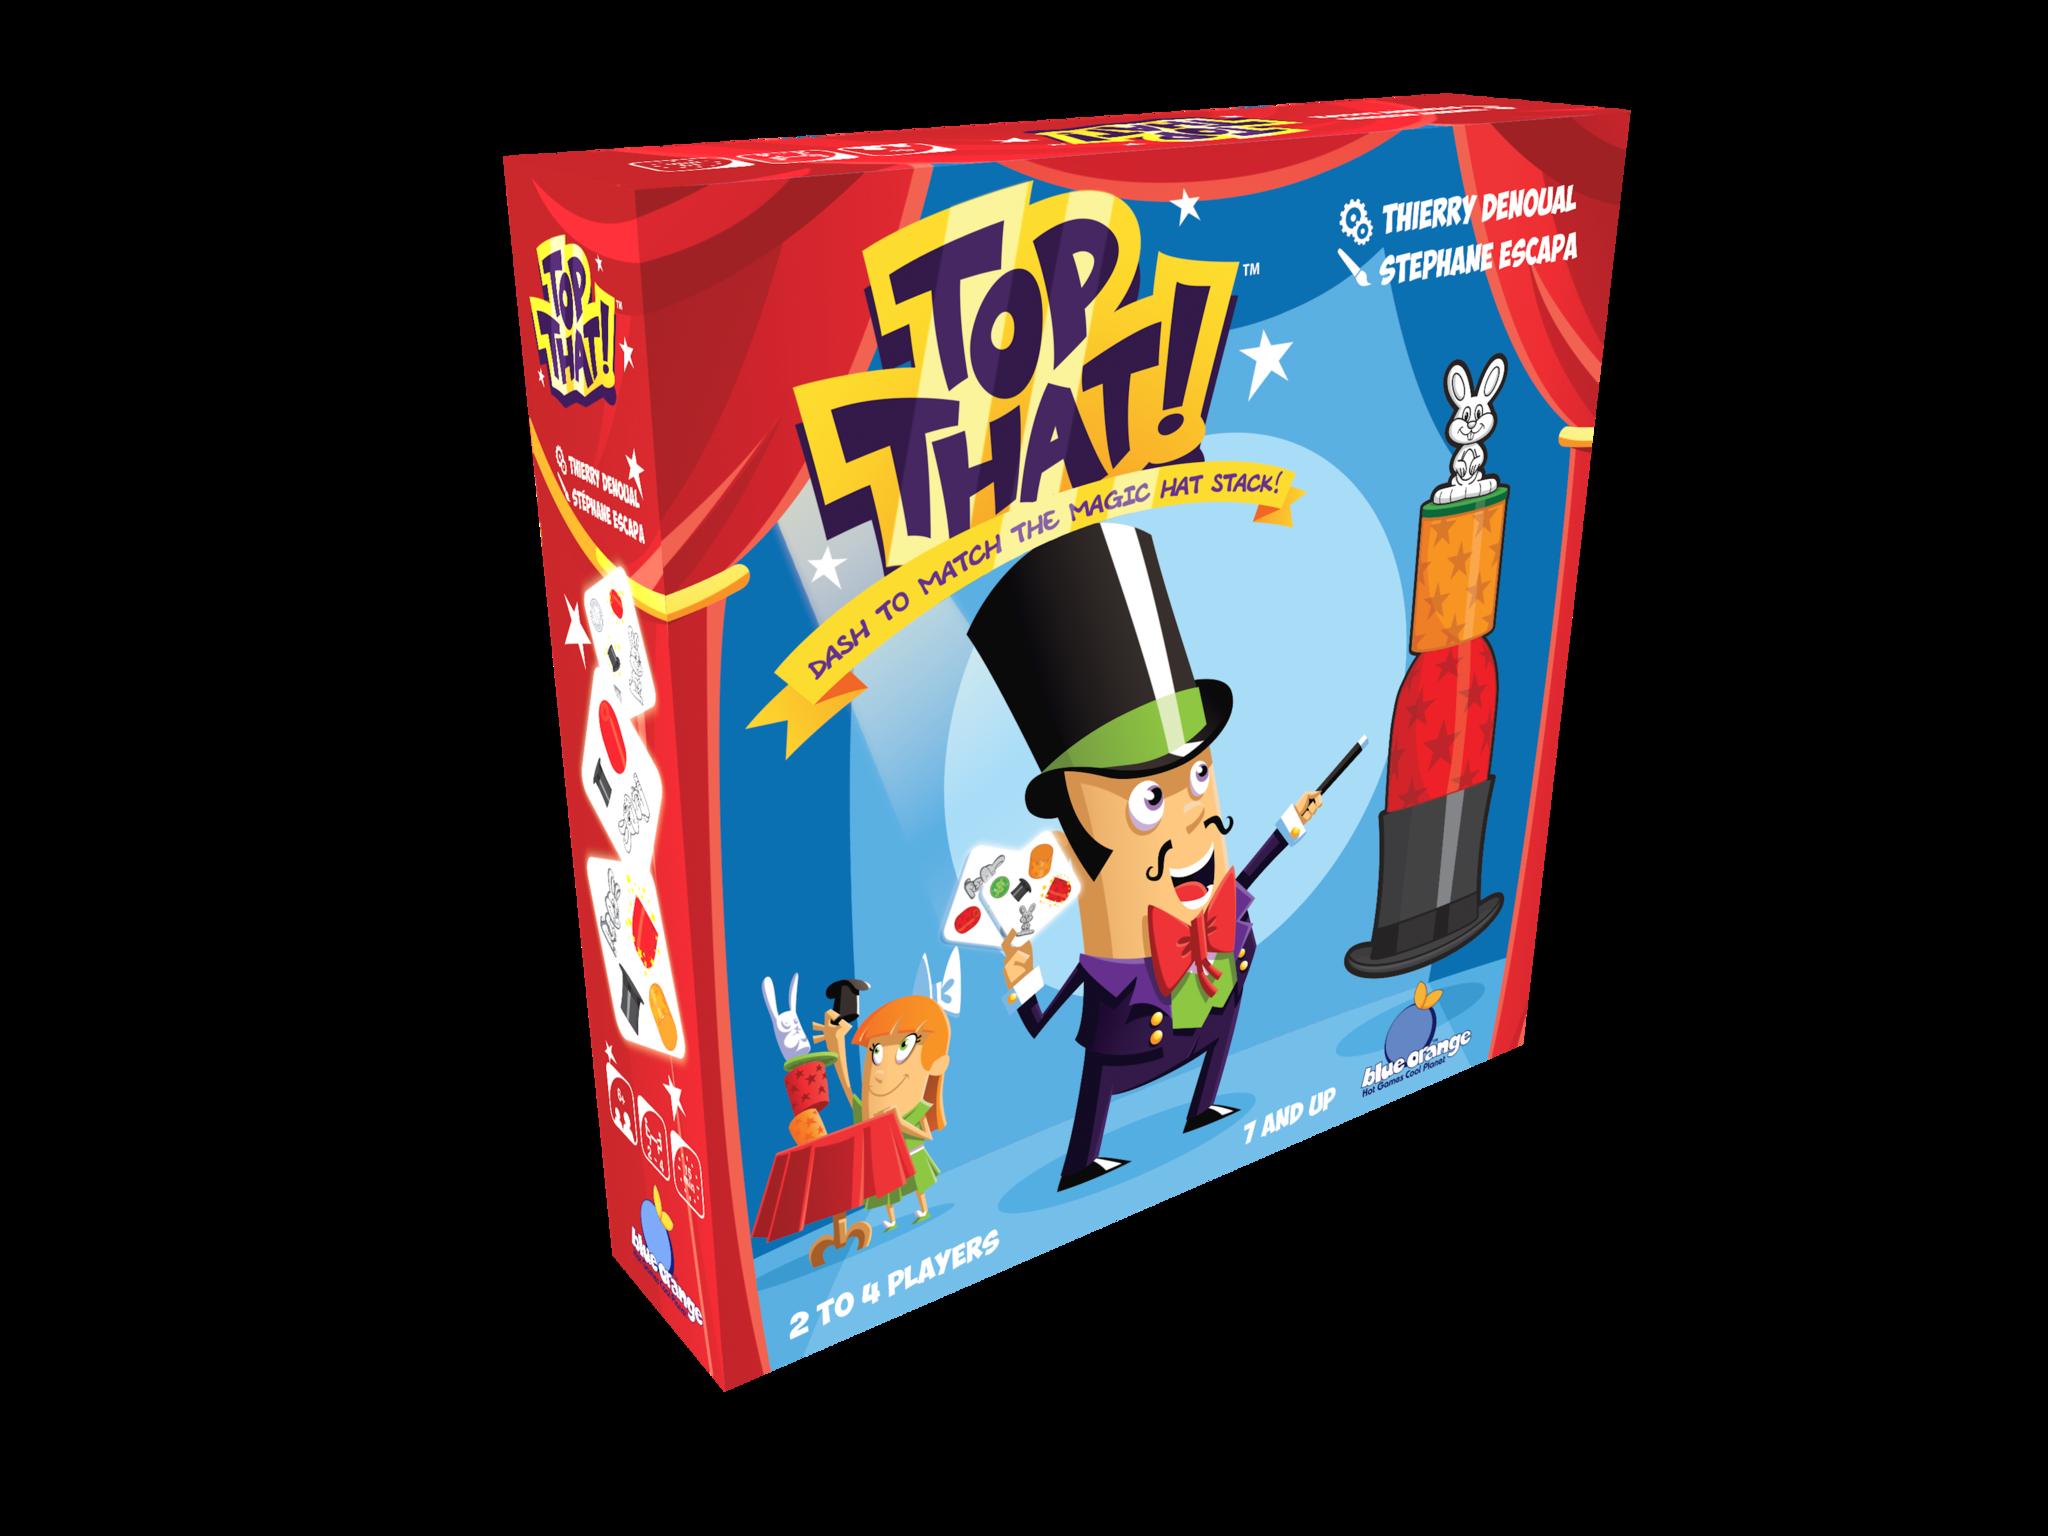 Boutique jeux de société - Pontivy - morbihan - ludis factory - Top that